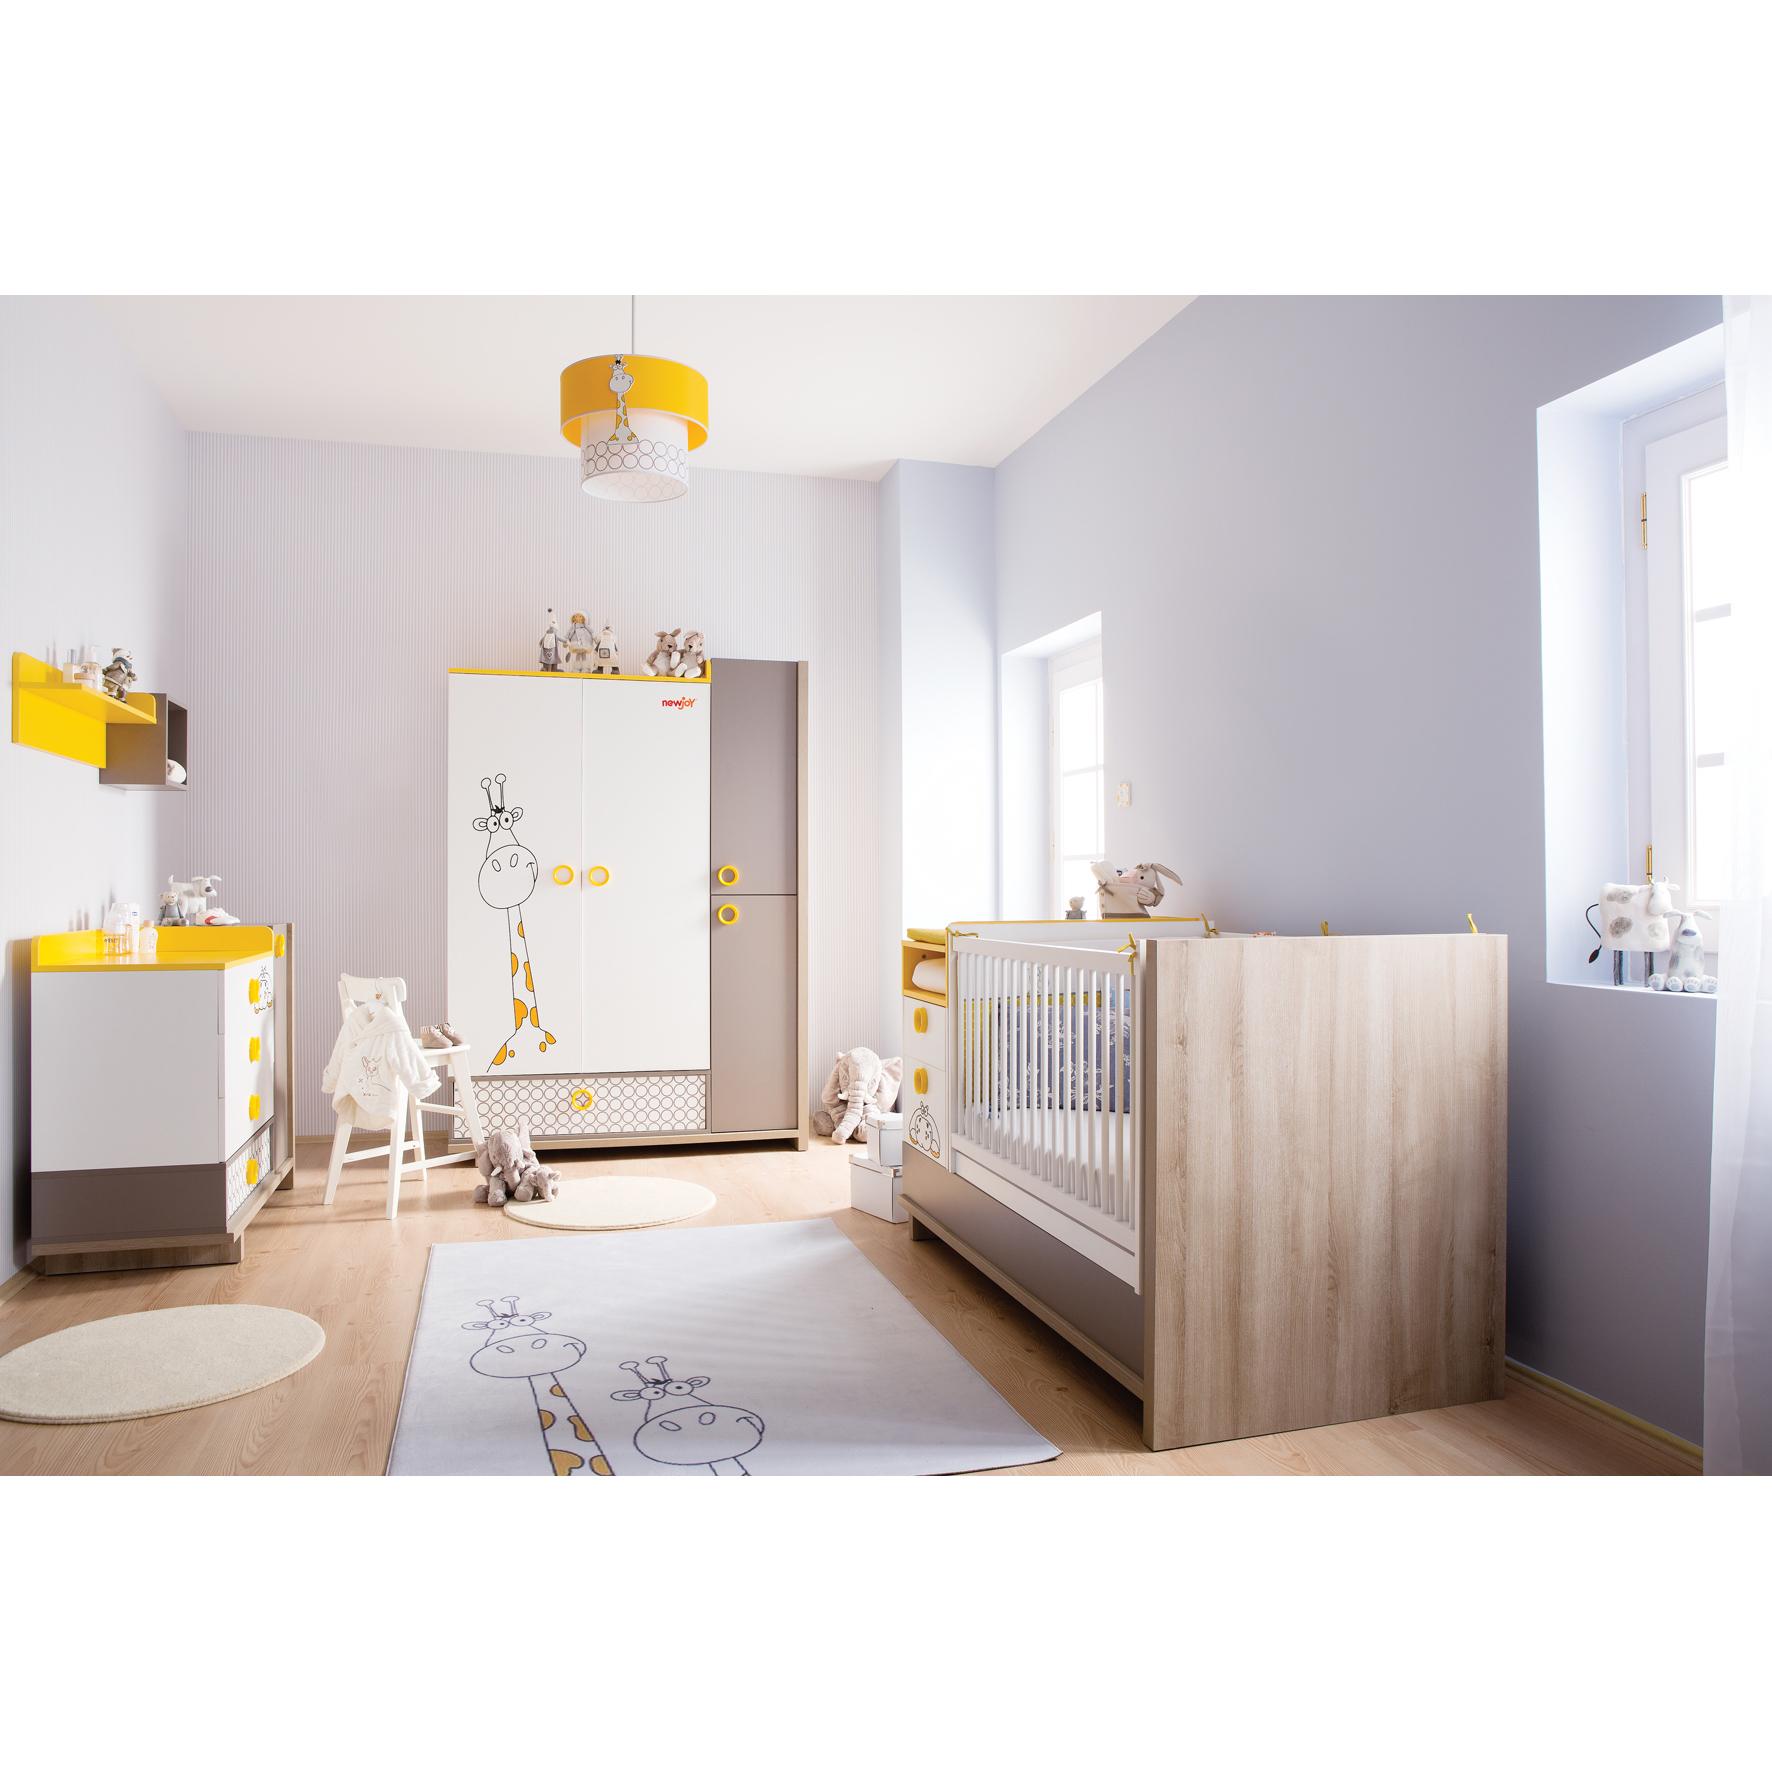 Сбор заказов.  Креативная детская мебель  известного бренда. Мягкая и корпусная мебель.  Аксессуары 20.